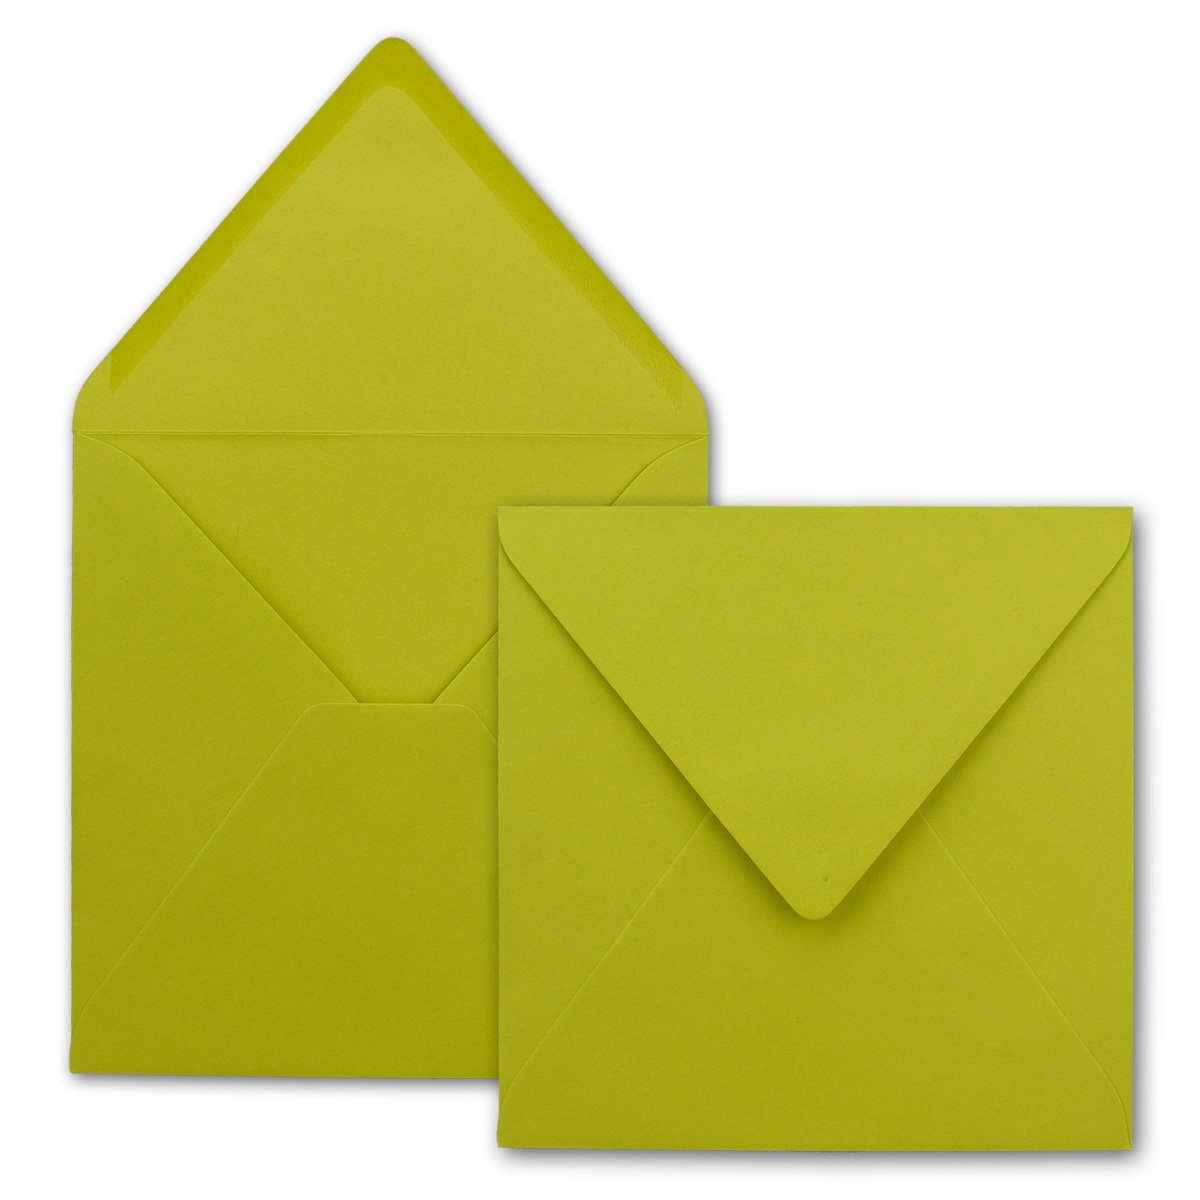 Quadratische Brief-Umschläge - Farbe Hochweiss   150 Stück   155 x 155 mm   Nassklebung   Für Einladungen & Hochzeit    Serie FarbenFroh® B00J9H9OKM   Schöne Kunst